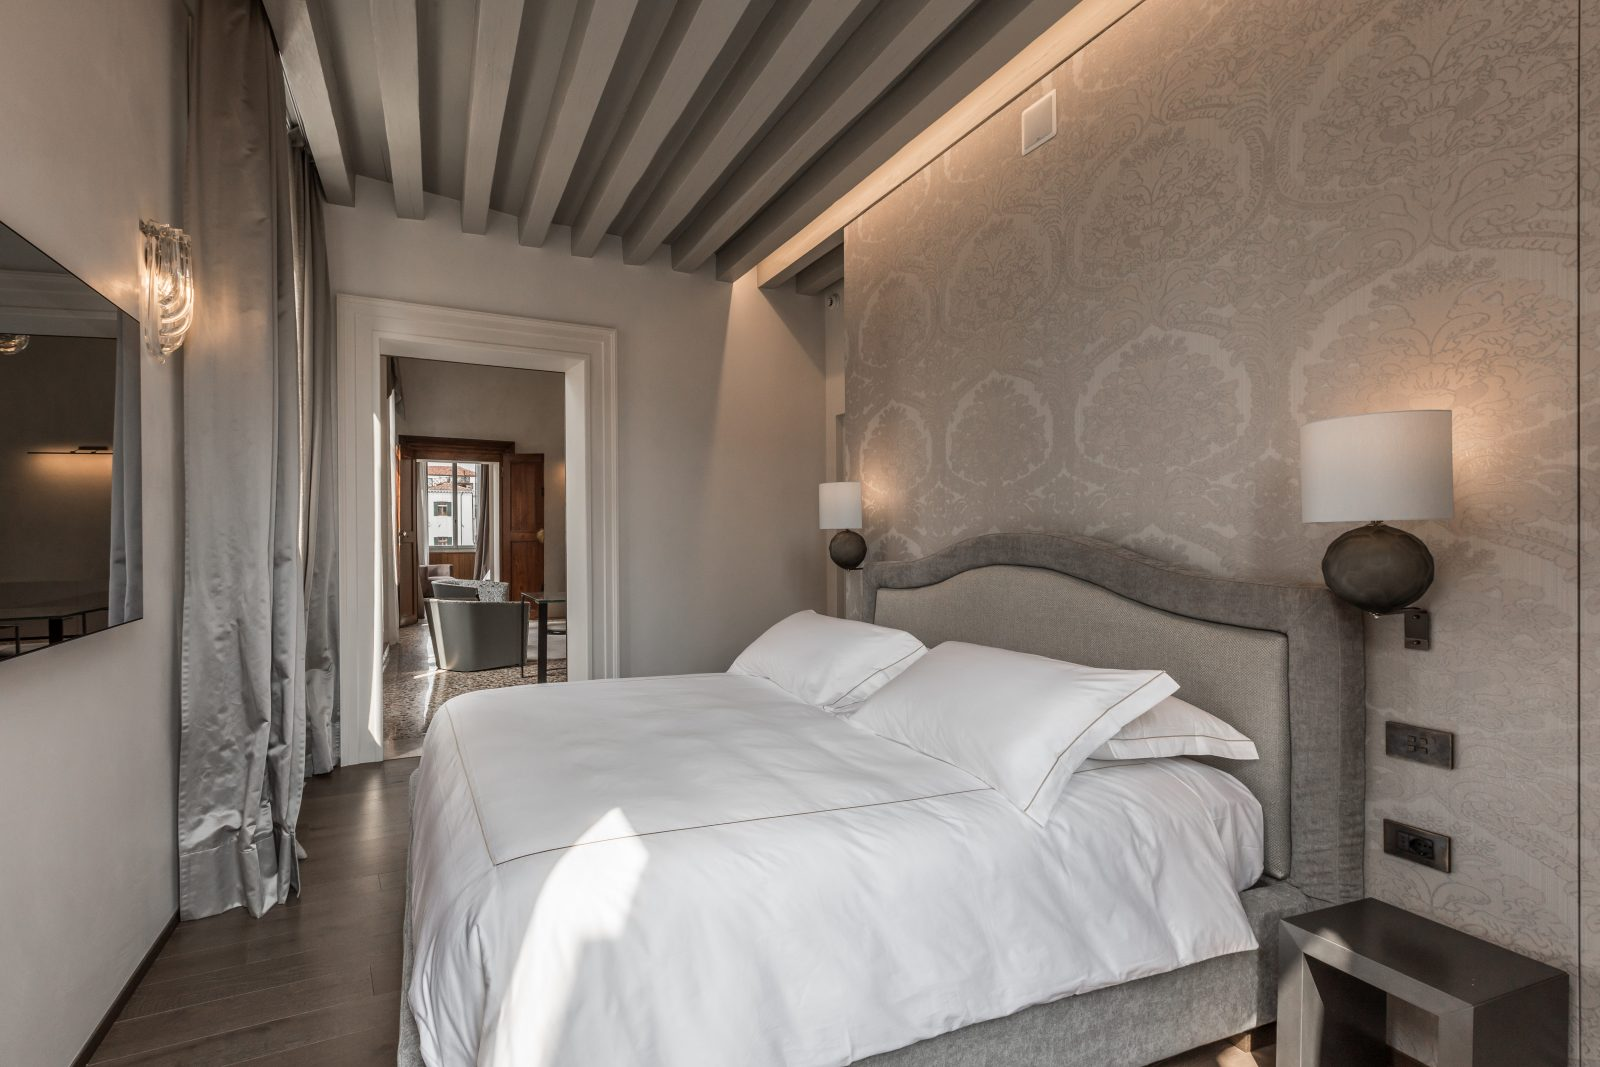 camera-letto-lusso-appartamento-anice-matrimoniale-design-interni-venezia-palazzo-morosini